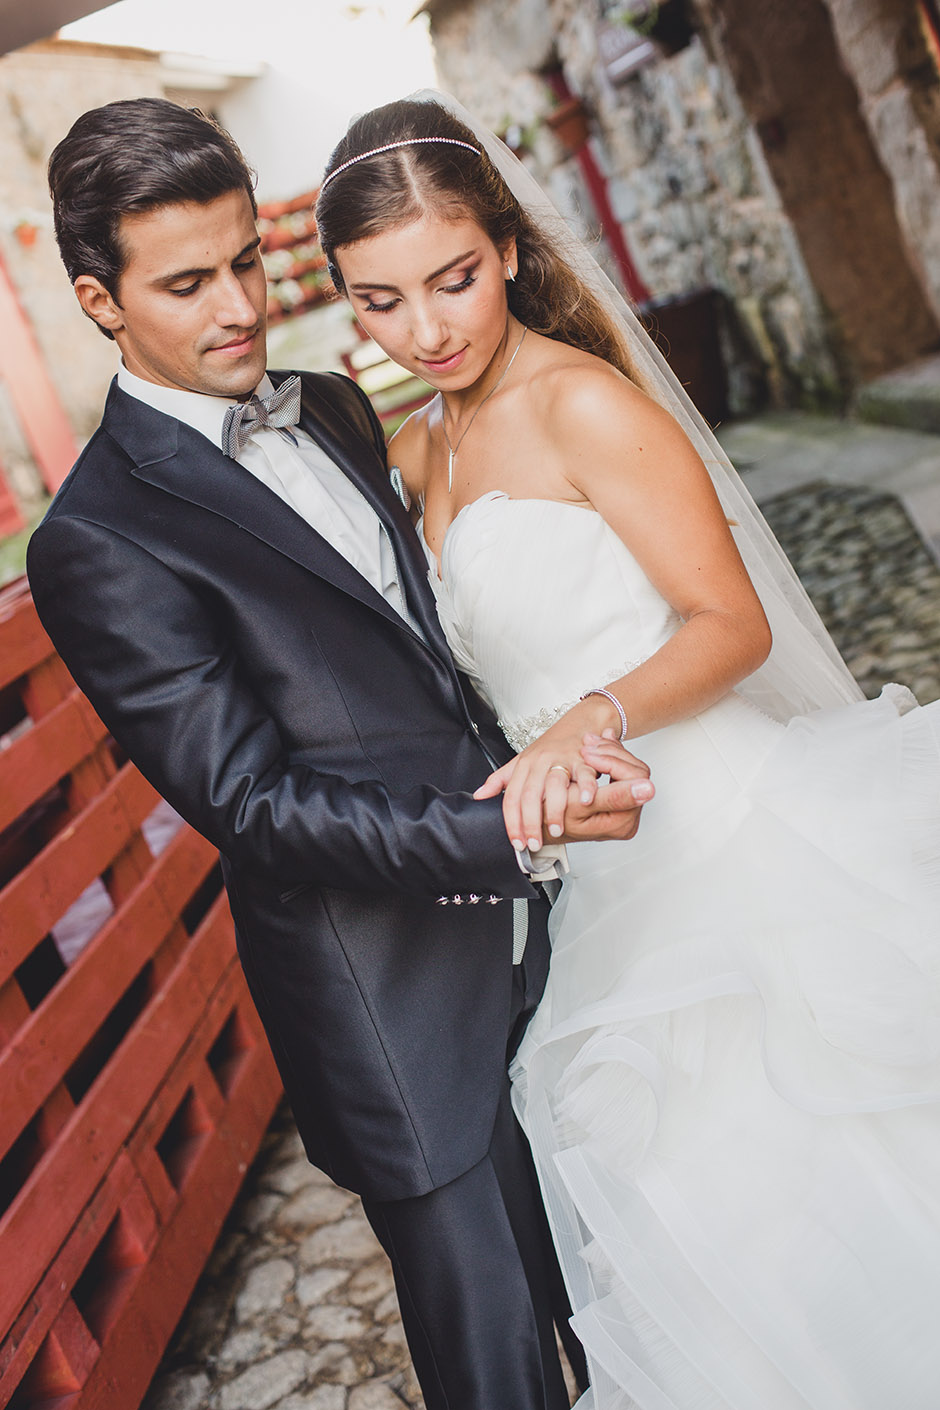 039 Jaime Neto Photography wedding Marta e Dario